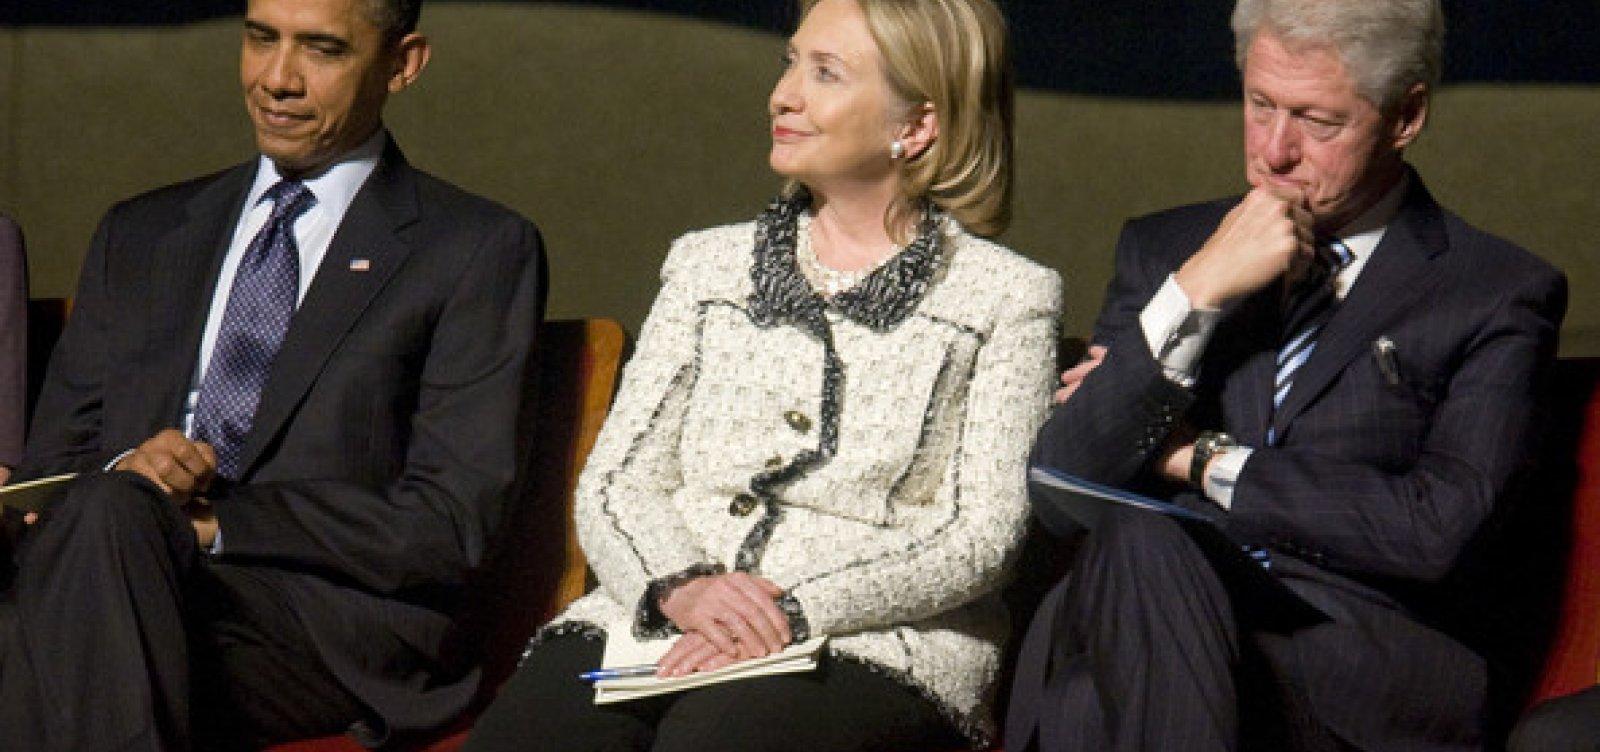 Bomba é encontrada na casa dos Clinton e em gabinete de Obama